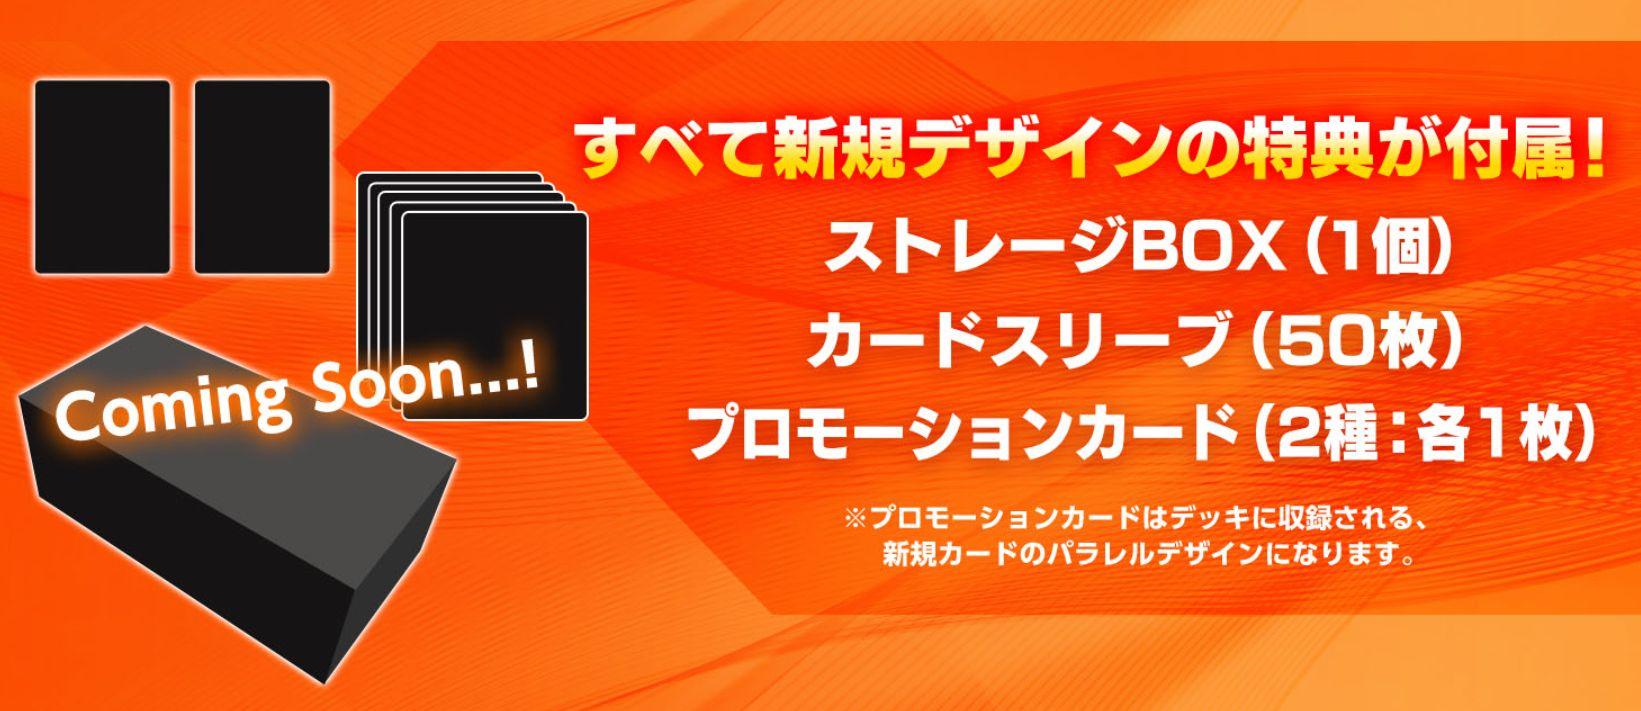 限定特典:エントリーデッキ「コンプリートセット2021」がAmazon限定で販売開始!紫翼の未来&白銀の記憶に加え、各種特典がセットに!